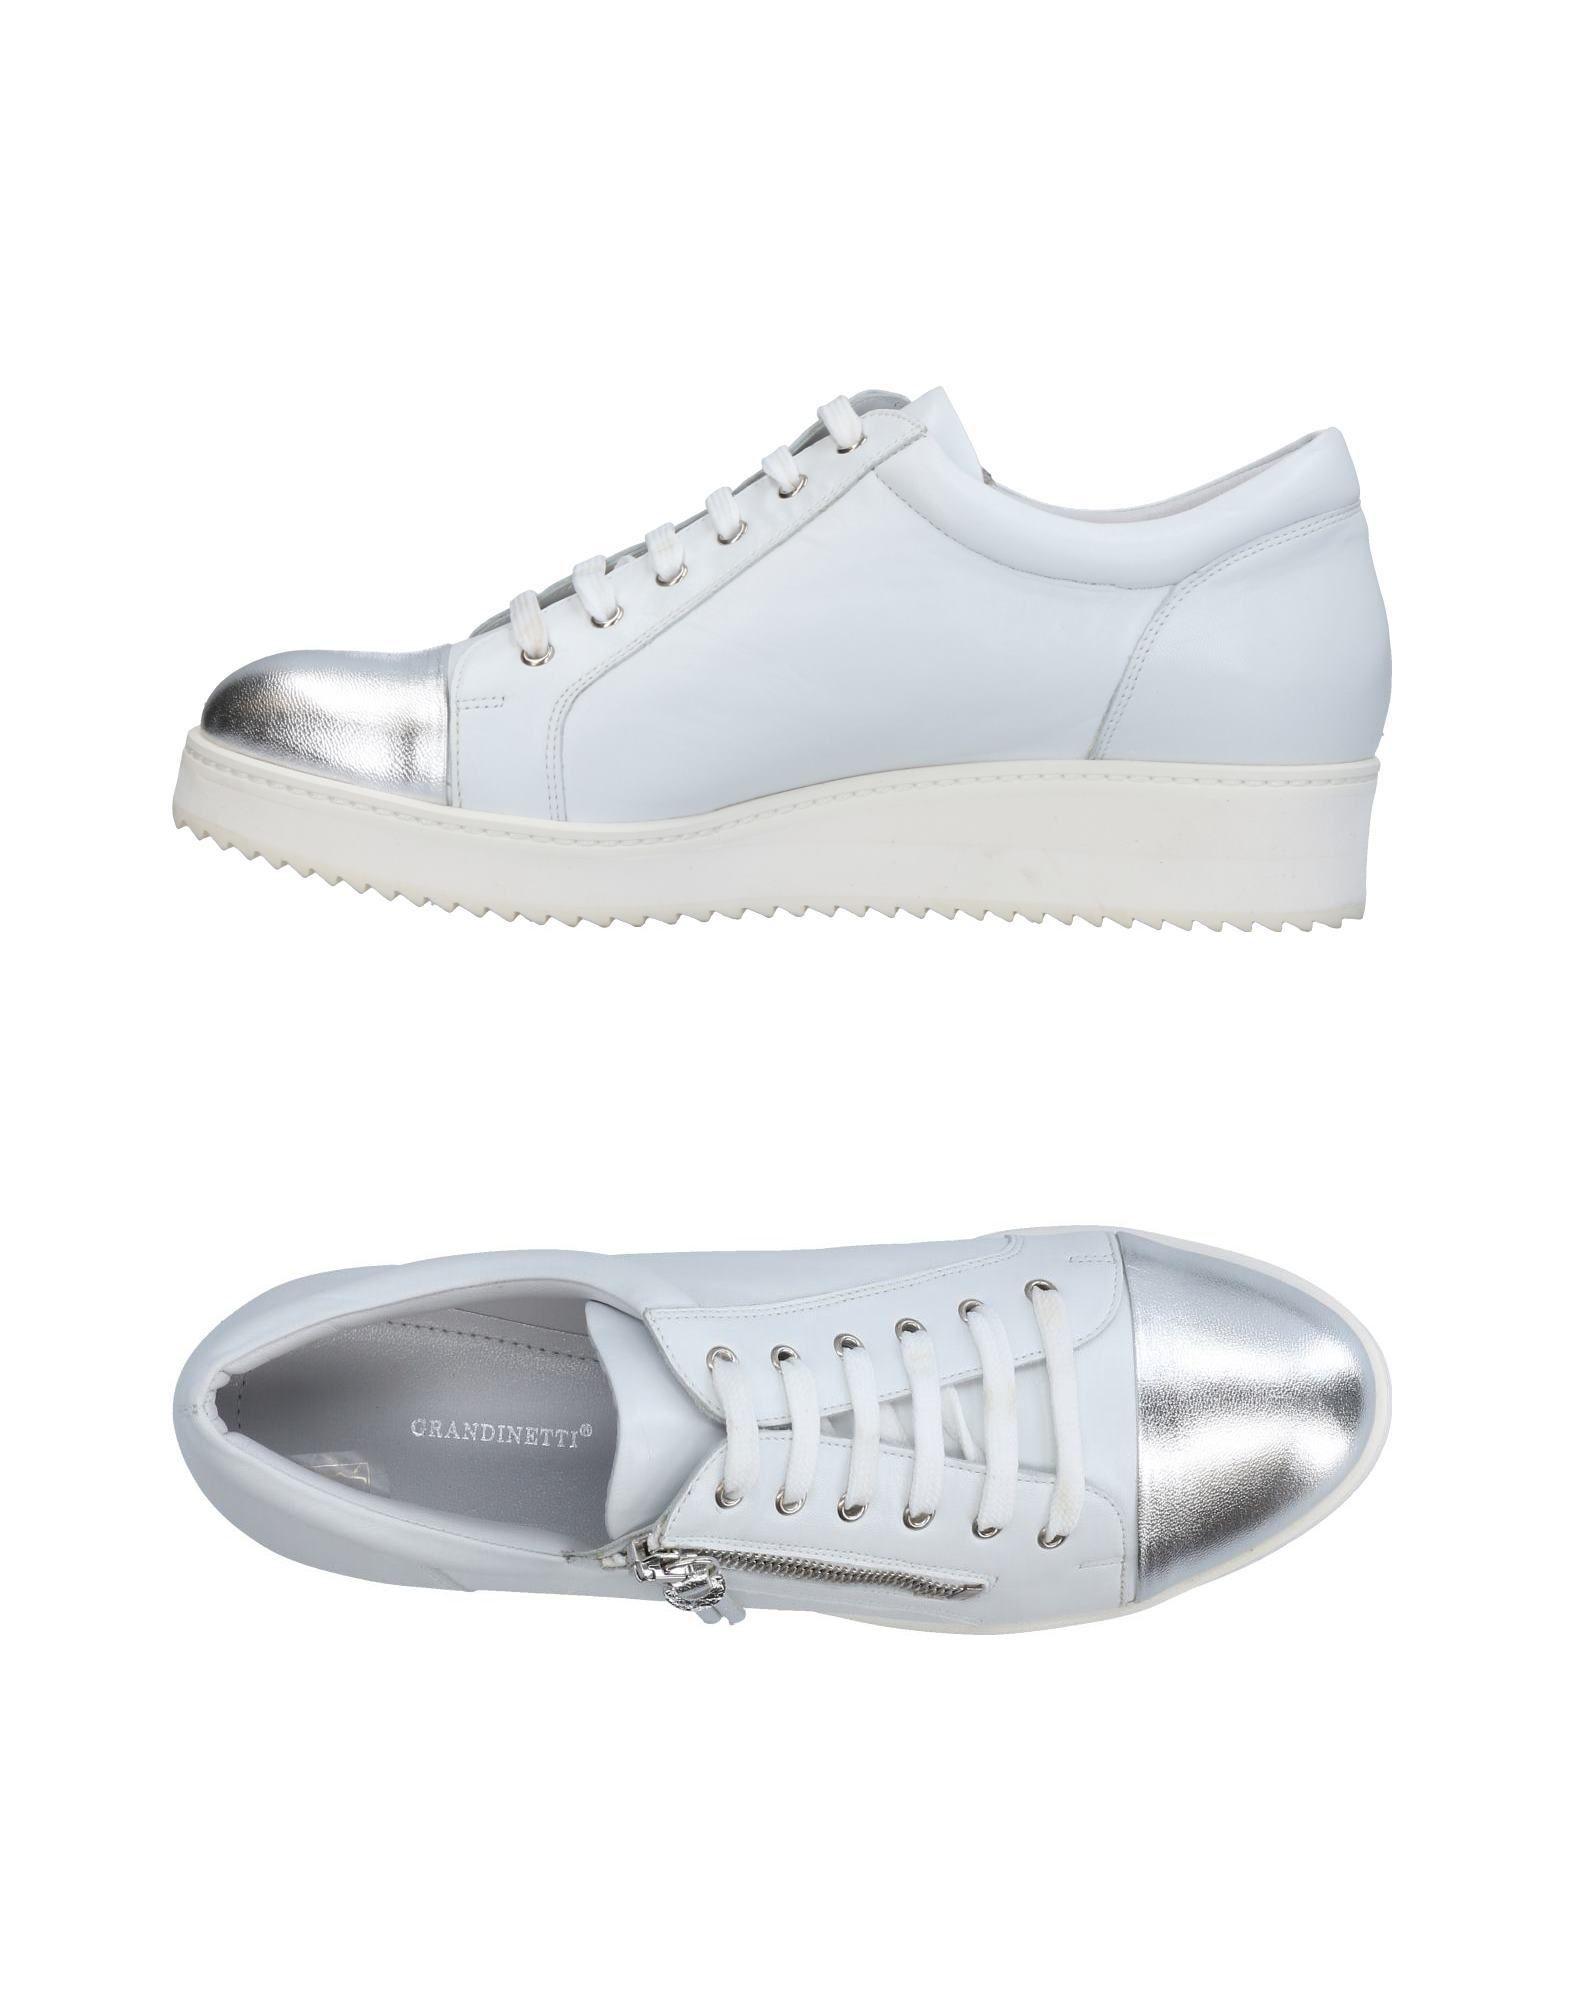 Moda Sneakers Grandinetti Donna - - Donna 11462599TK 197e1b